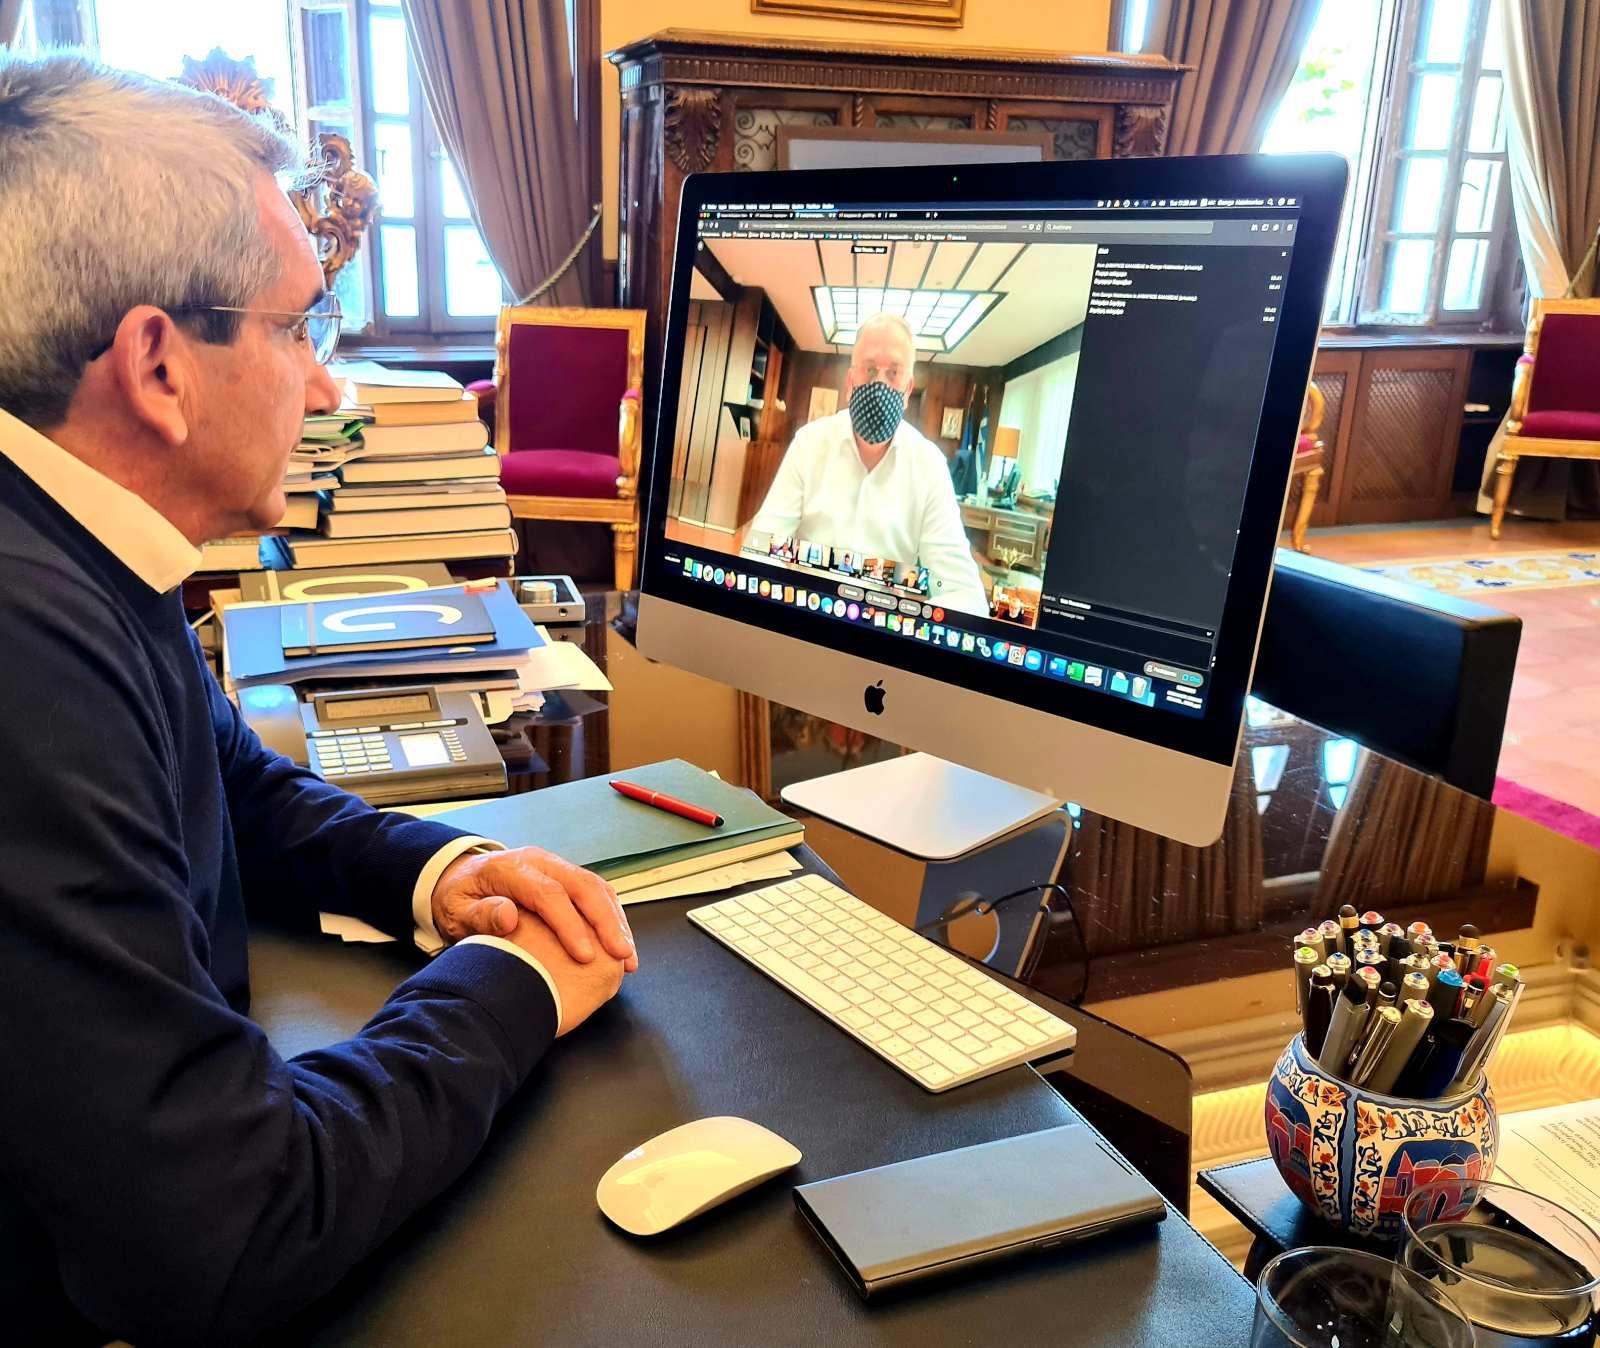 Σε τηλεδιάσκεψη  υπό τον Υπουργό Εσωτερικών ο Περιφερειάρχης Ν. Αιγαίου